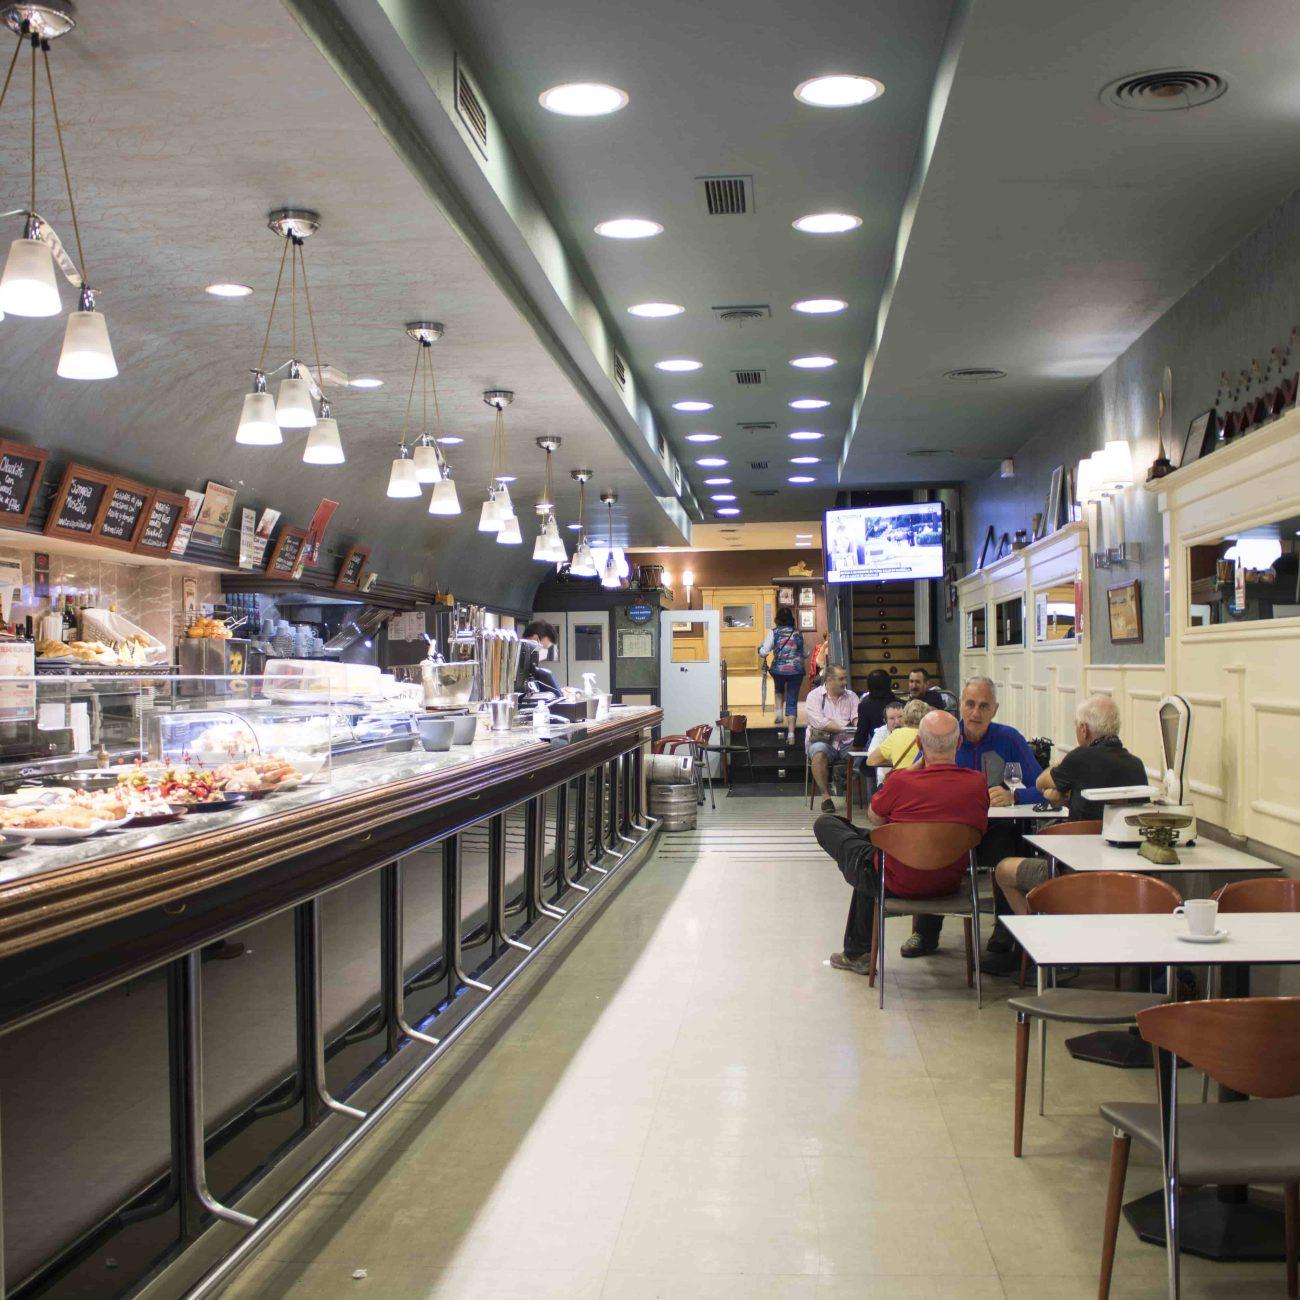 CAFE LAGO BILBAO